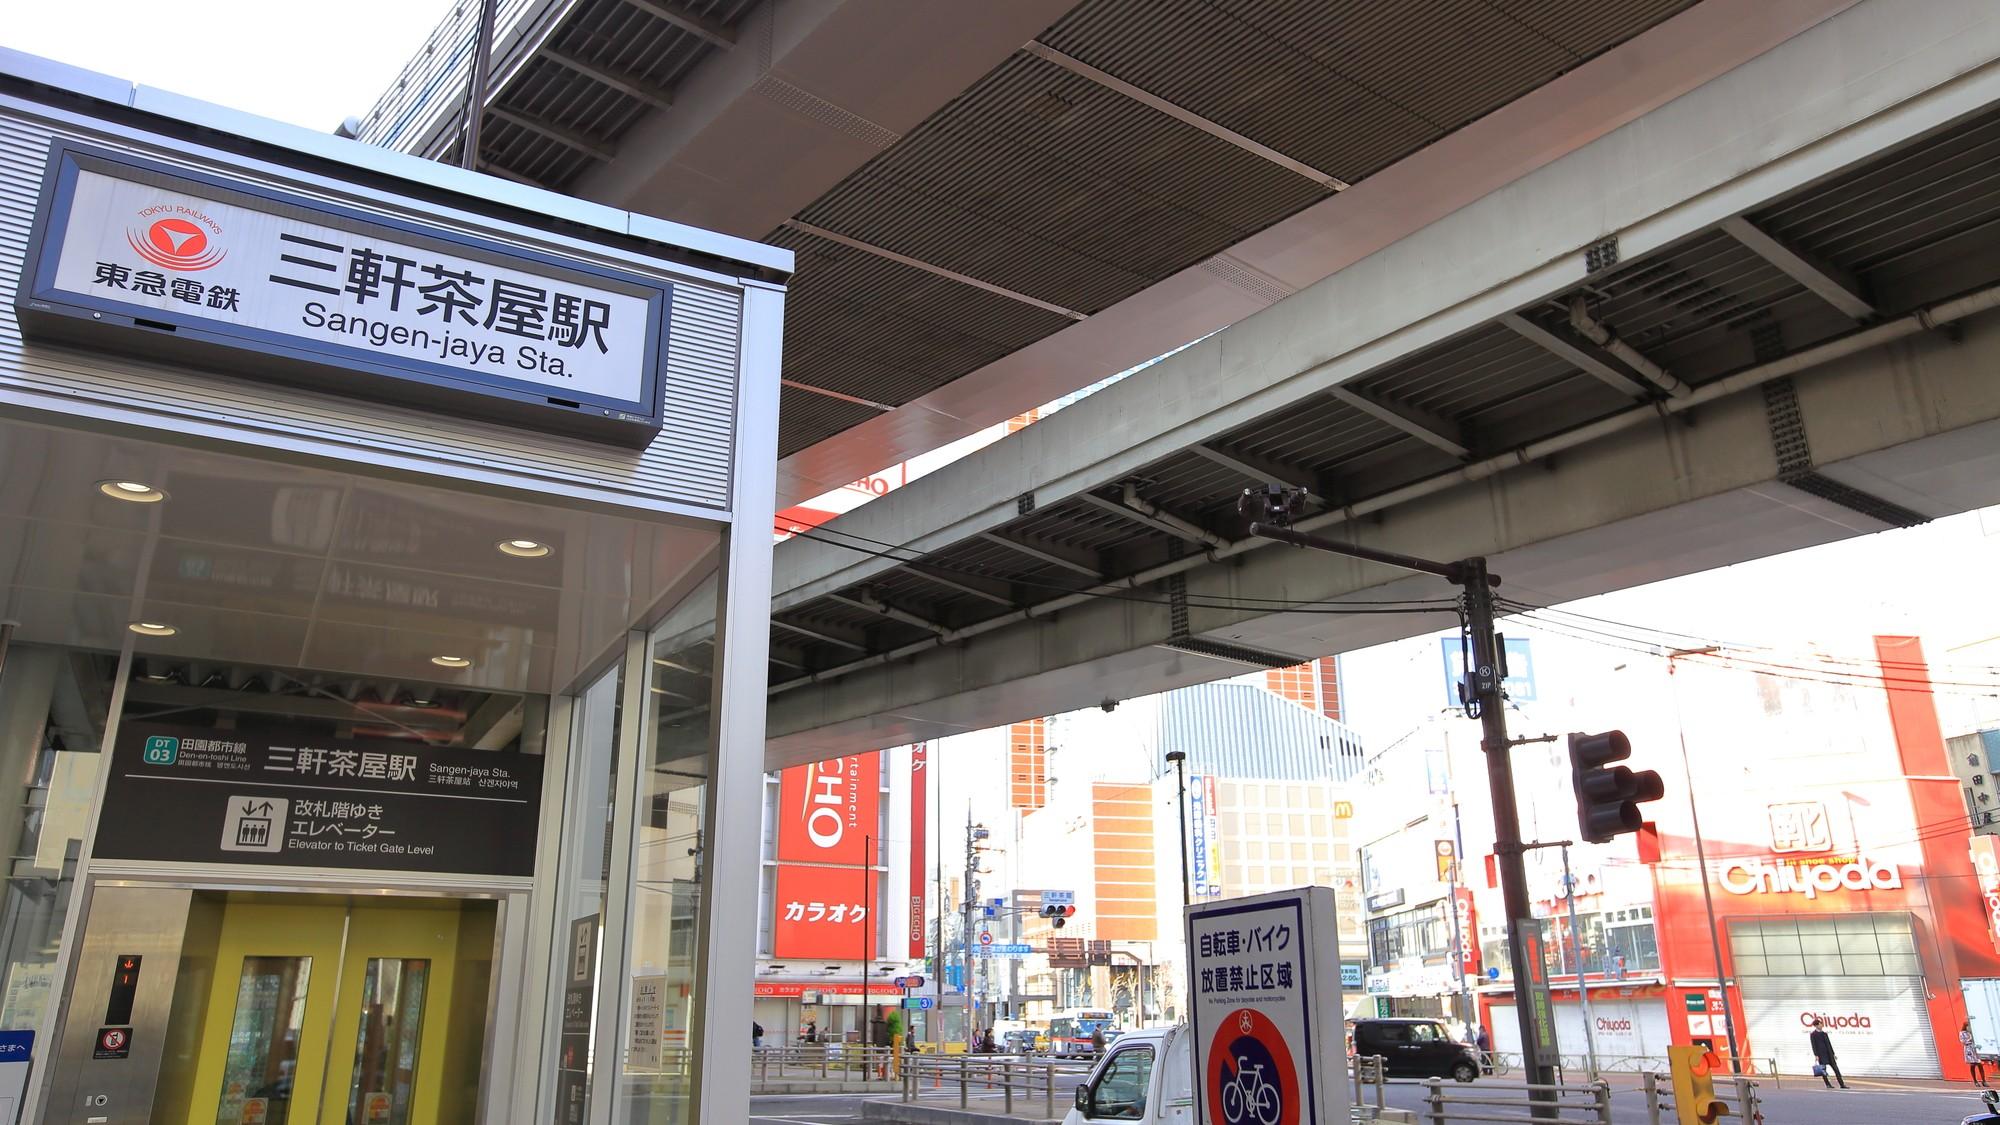 リアルな住み心地は?家賃7万円台の「三軒茶屋」で意外な発見